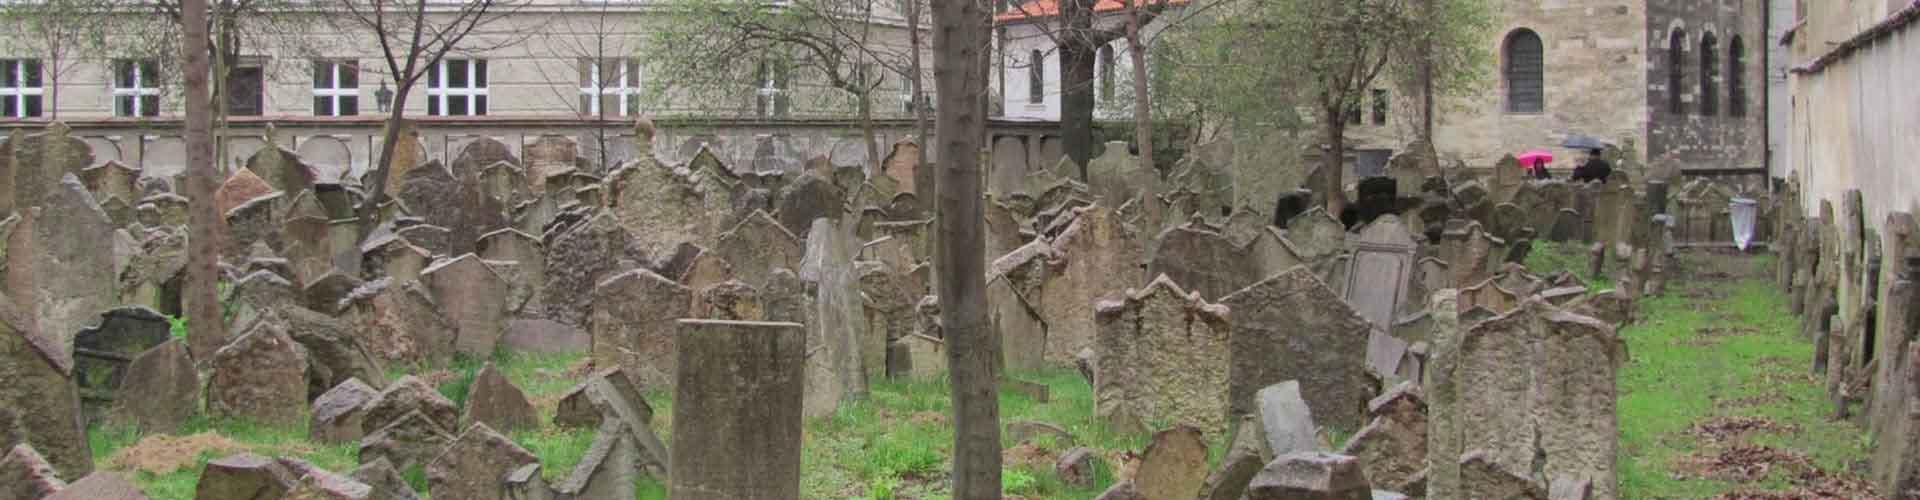 布拉格 – 旧犹太墓园附近的露营地。布拉格地图,布拉格每个露营地的照片和评价。